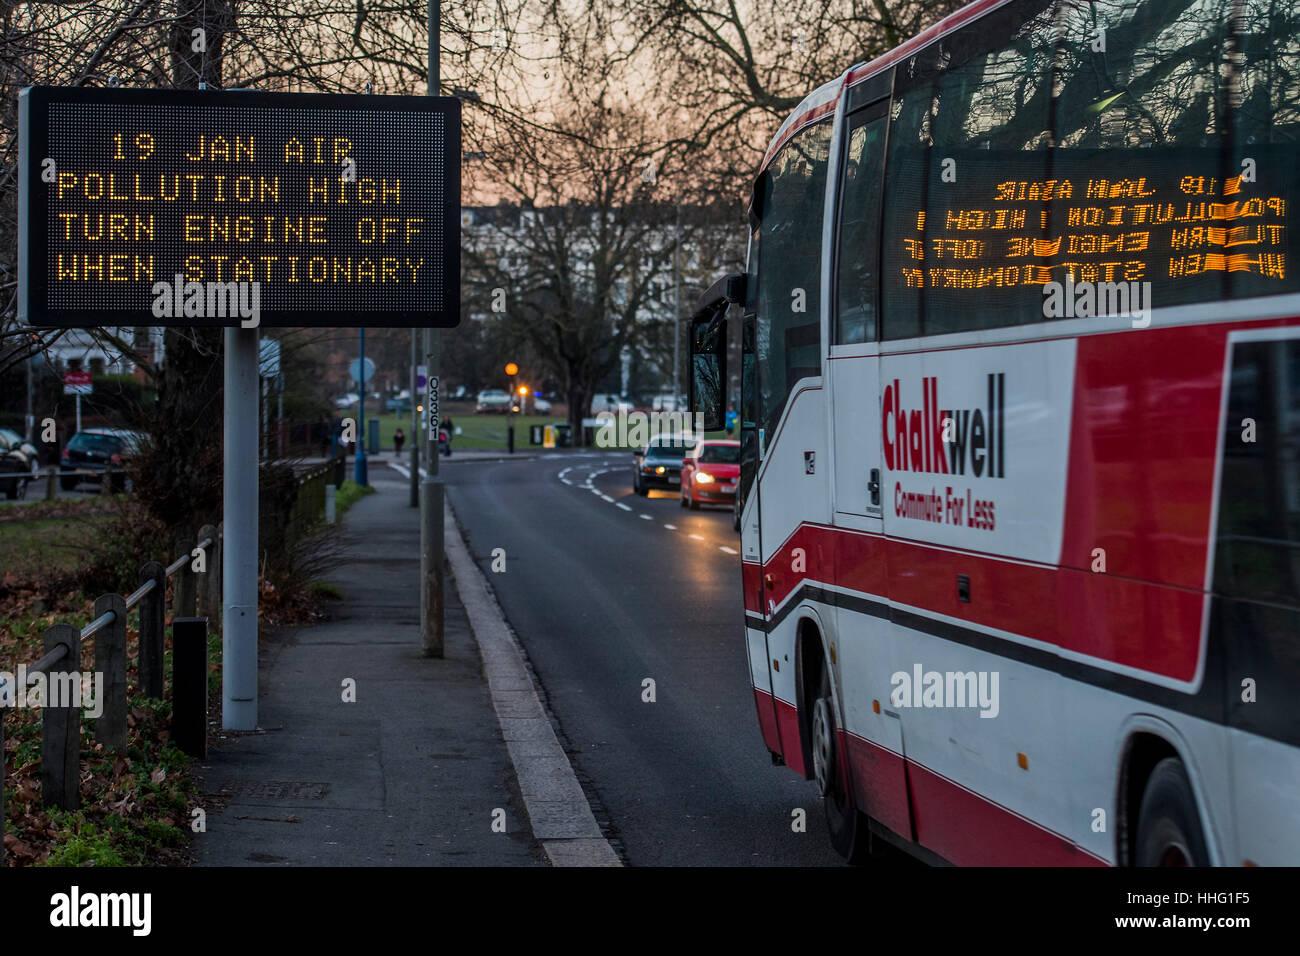 Wandsworth, Londres, Reino Unido. 19 ene, 2017. Un cartel advierte de los elevados niveles de contaminación en Wandsworth Foto de stock